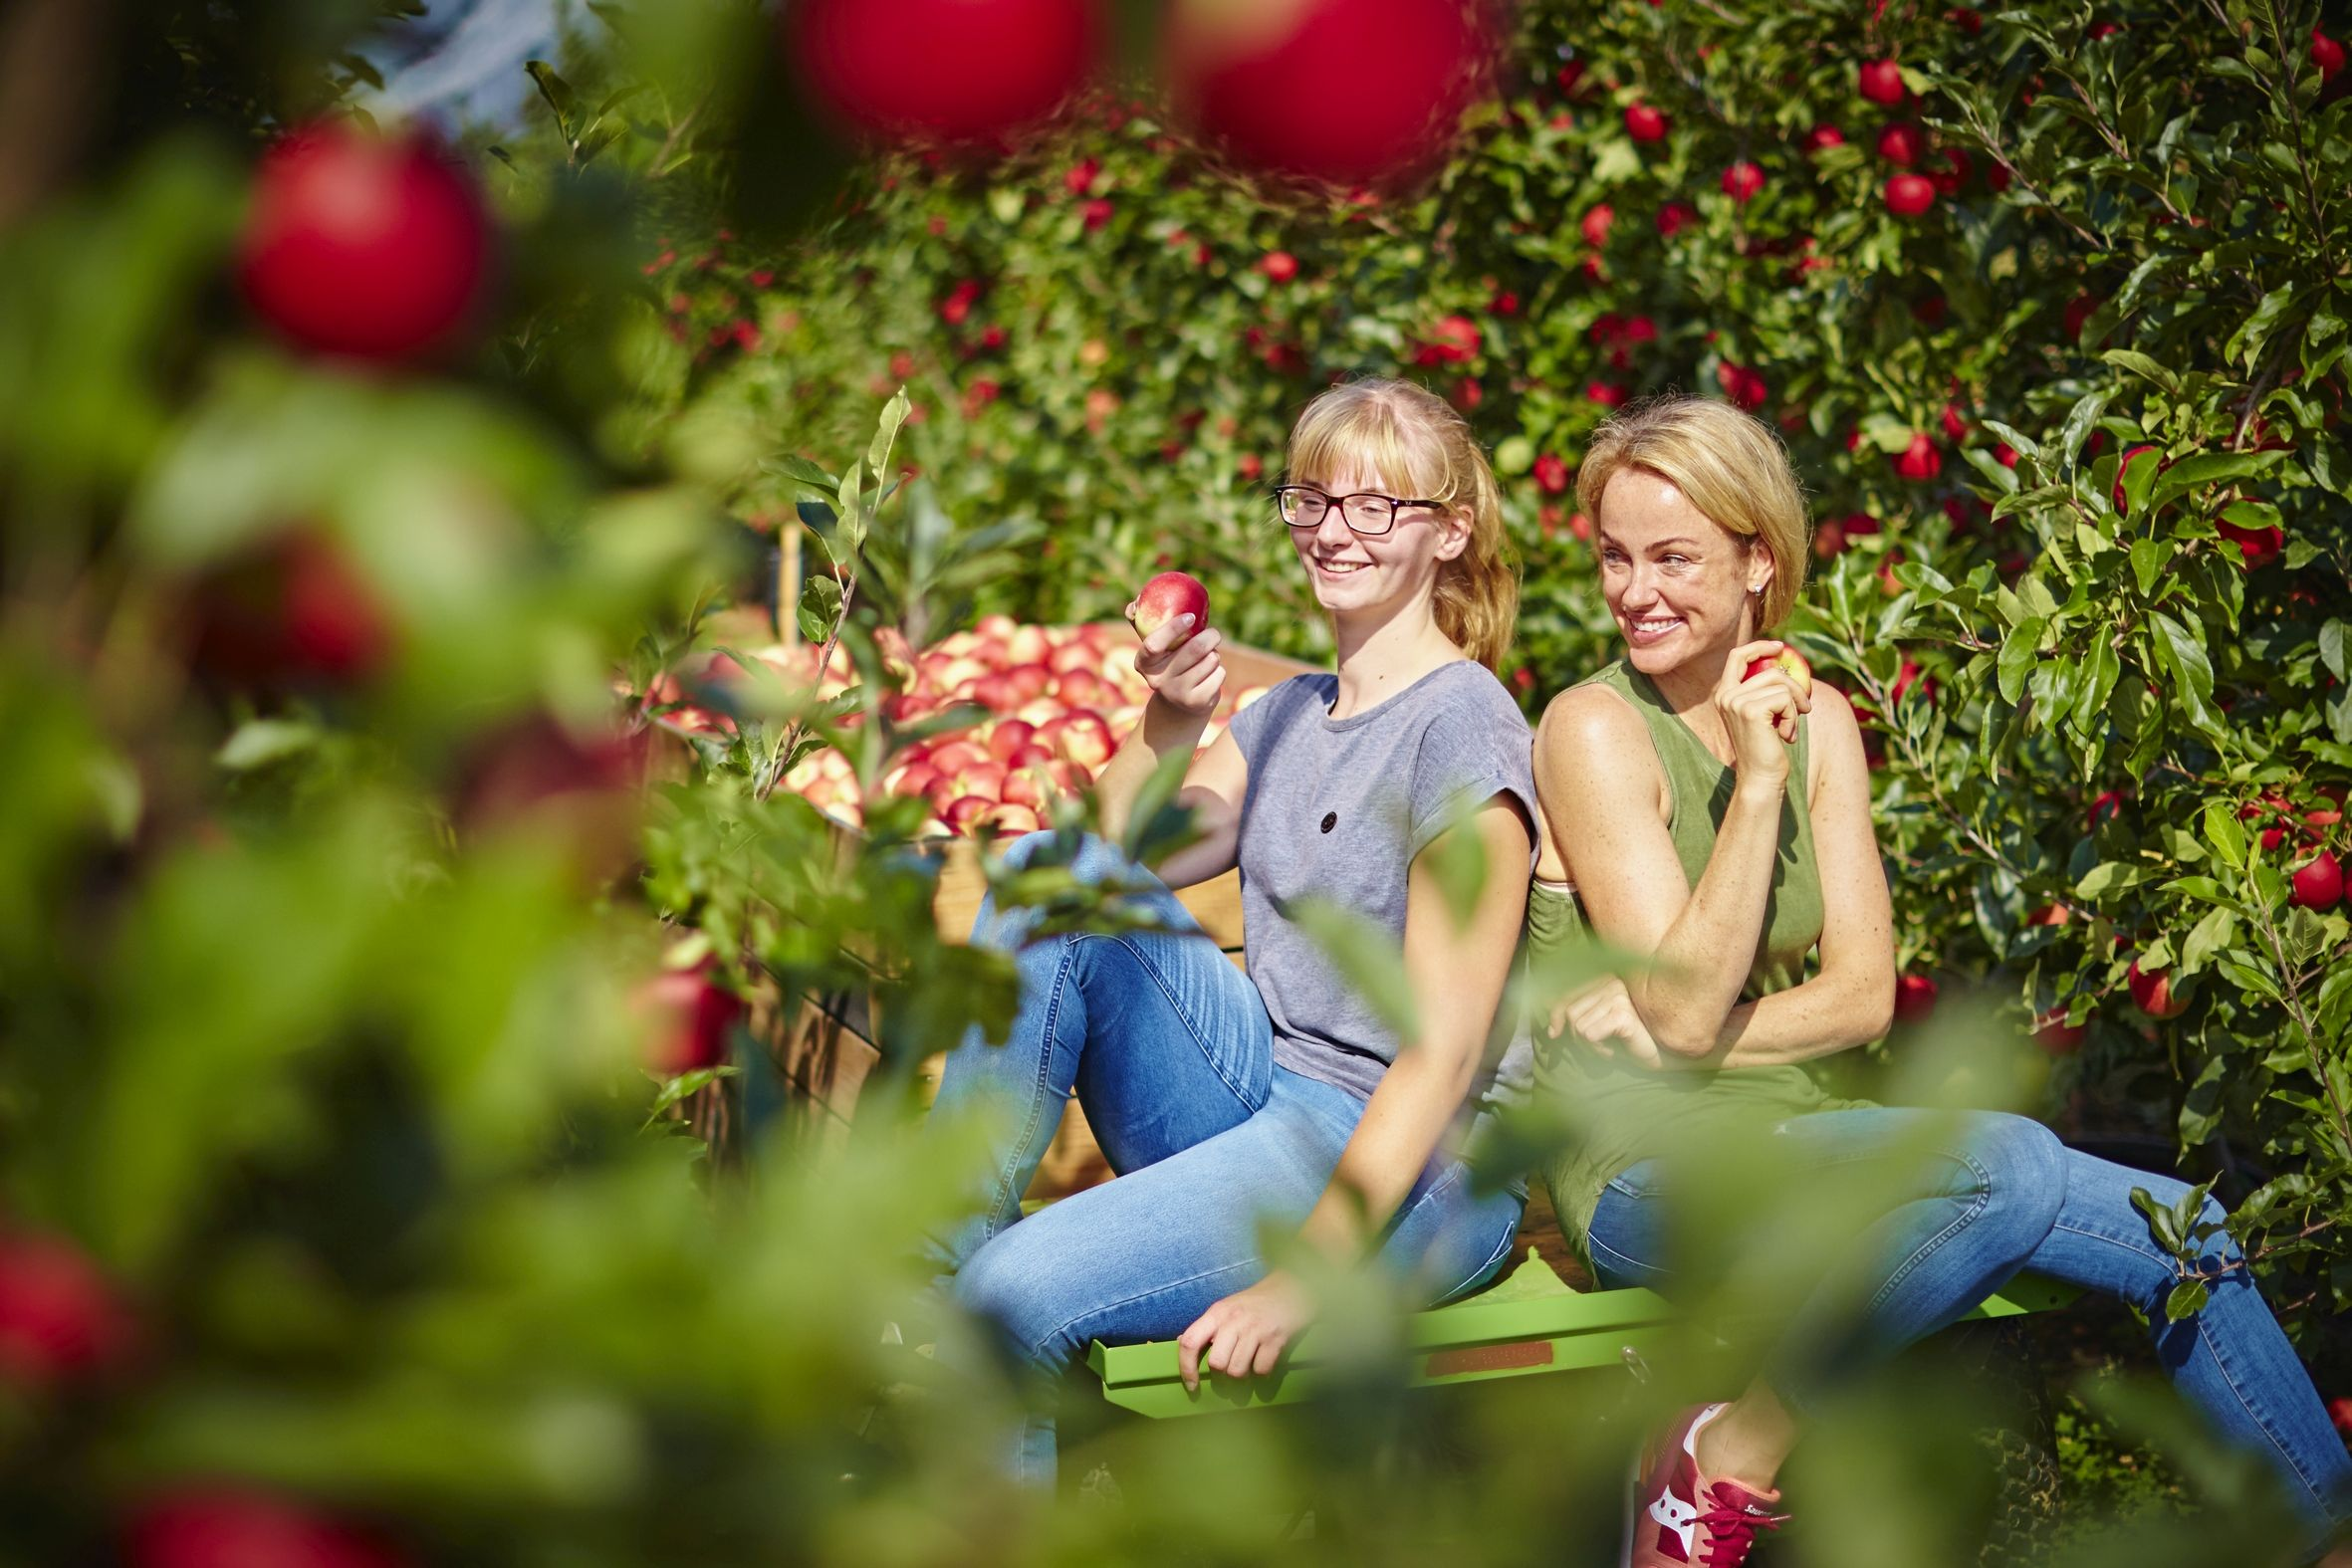 Deutsche Äpfel: Auch für Klima und Umwelt die bessere Wahl